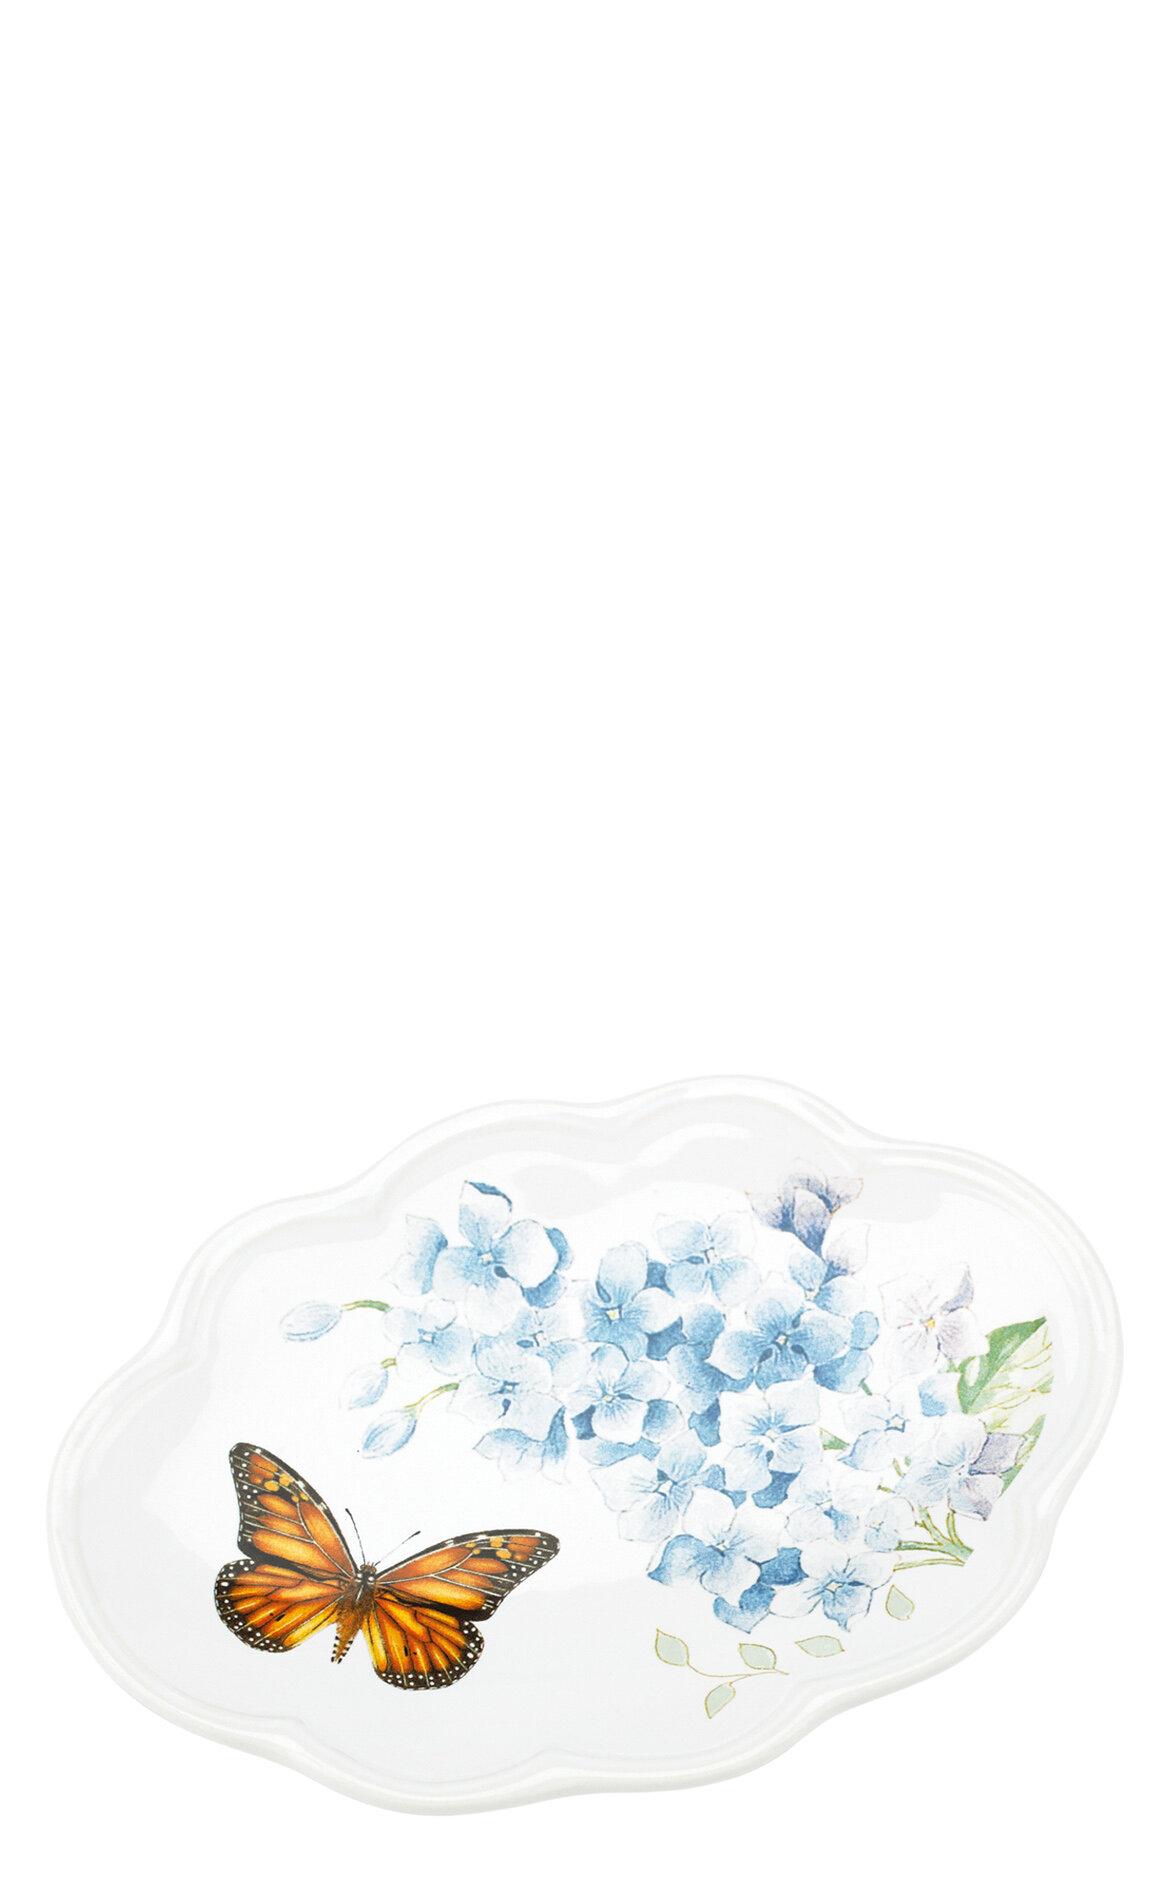 Lenox Butterfly Mea Sabunluk - Blue